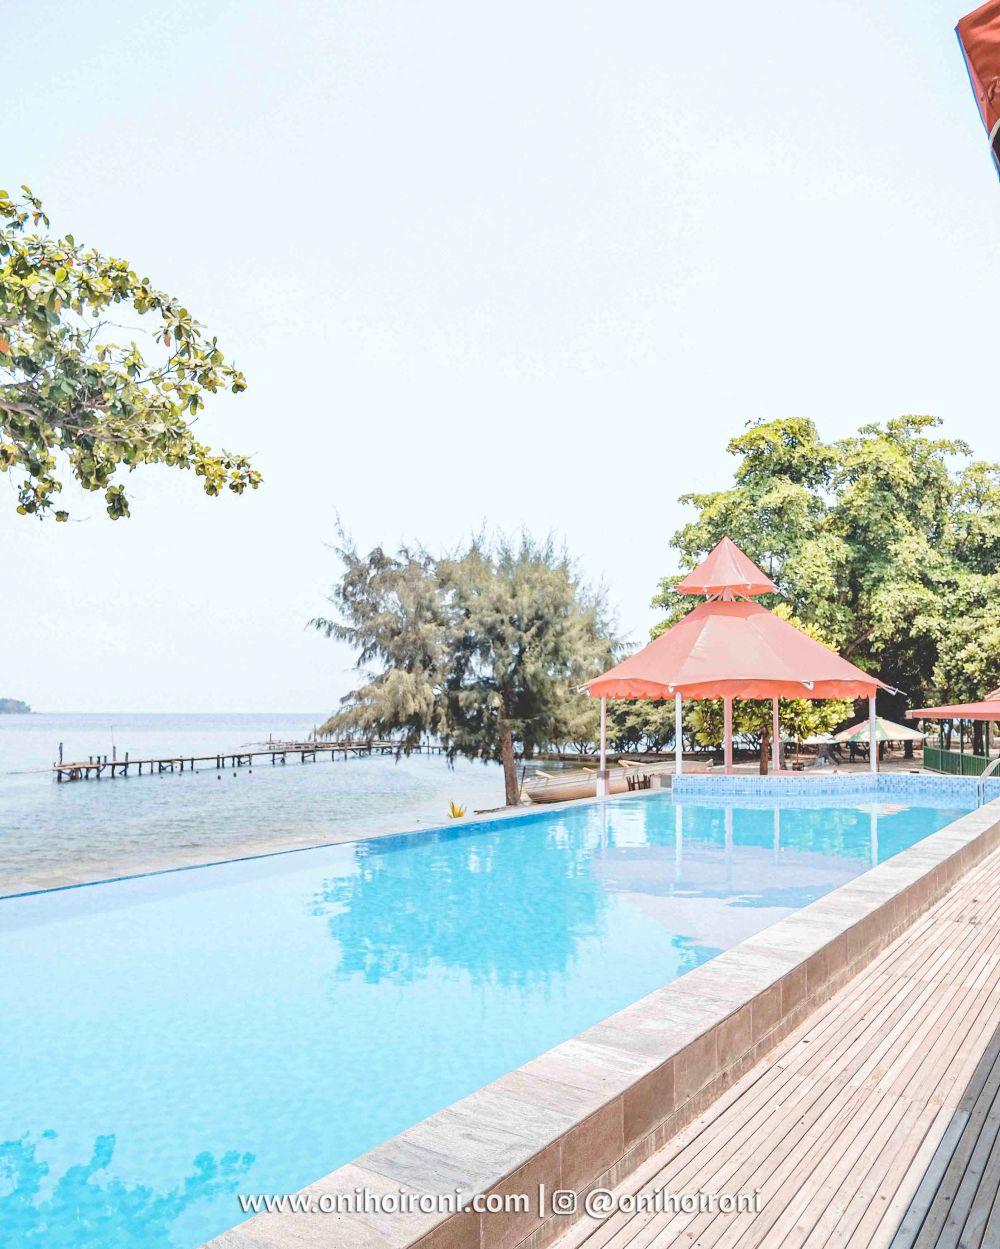 4 foto Pulau bidadari ancol